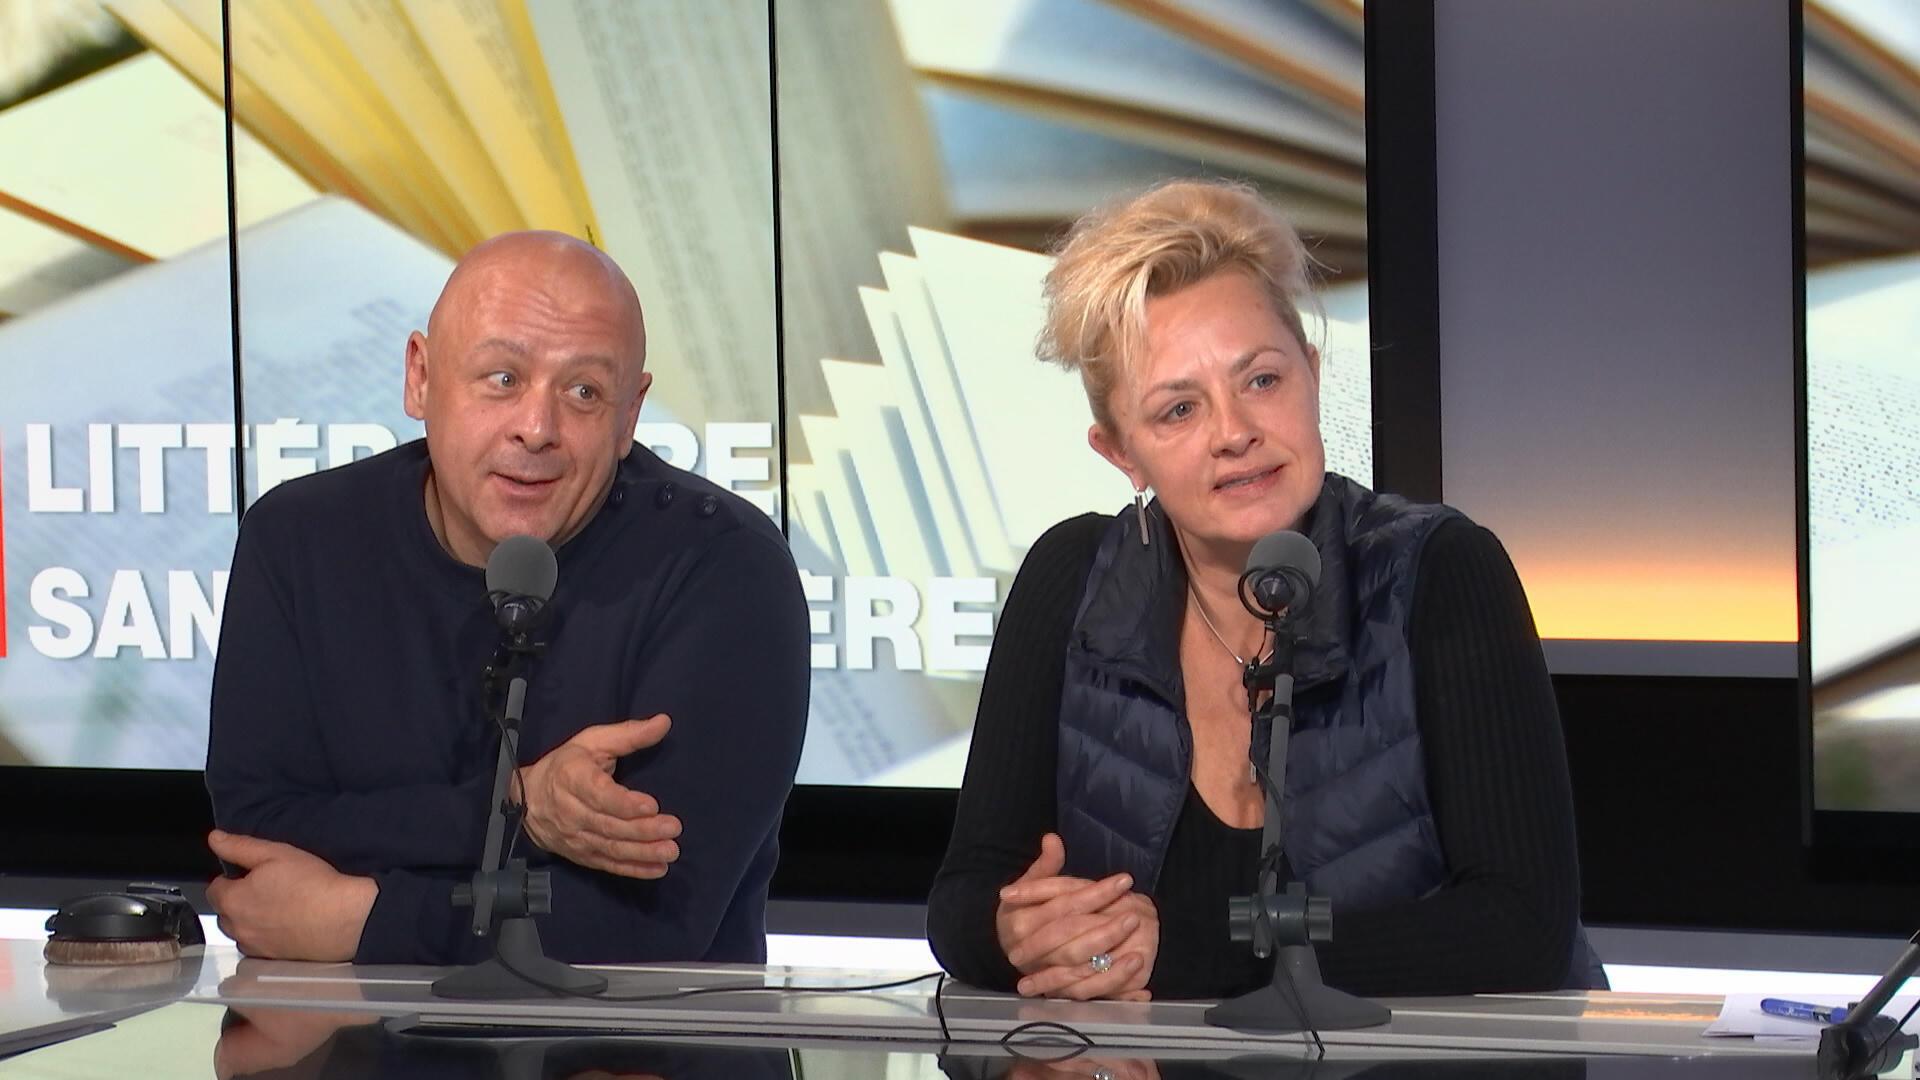 Le chef cuisinier Thierry Marx et la romancière Odile Bouhier.